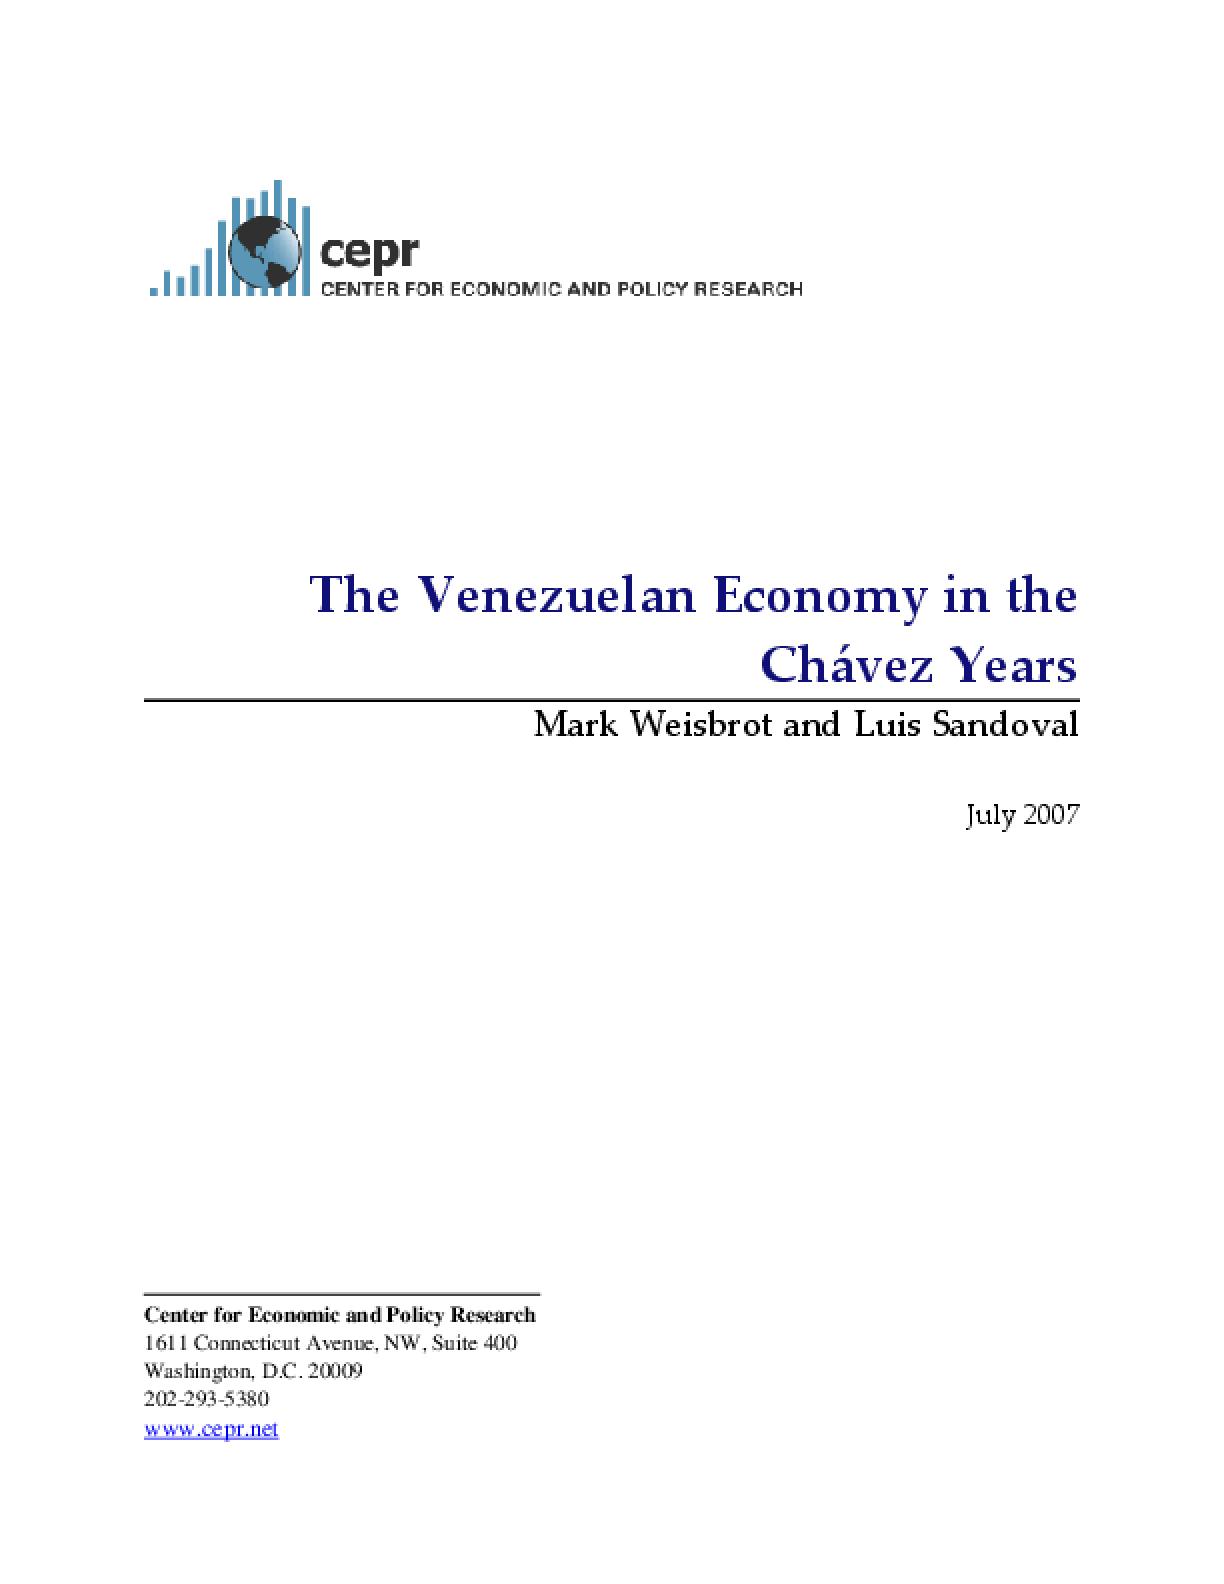 The Venezuelan Economy in the Chavez Years